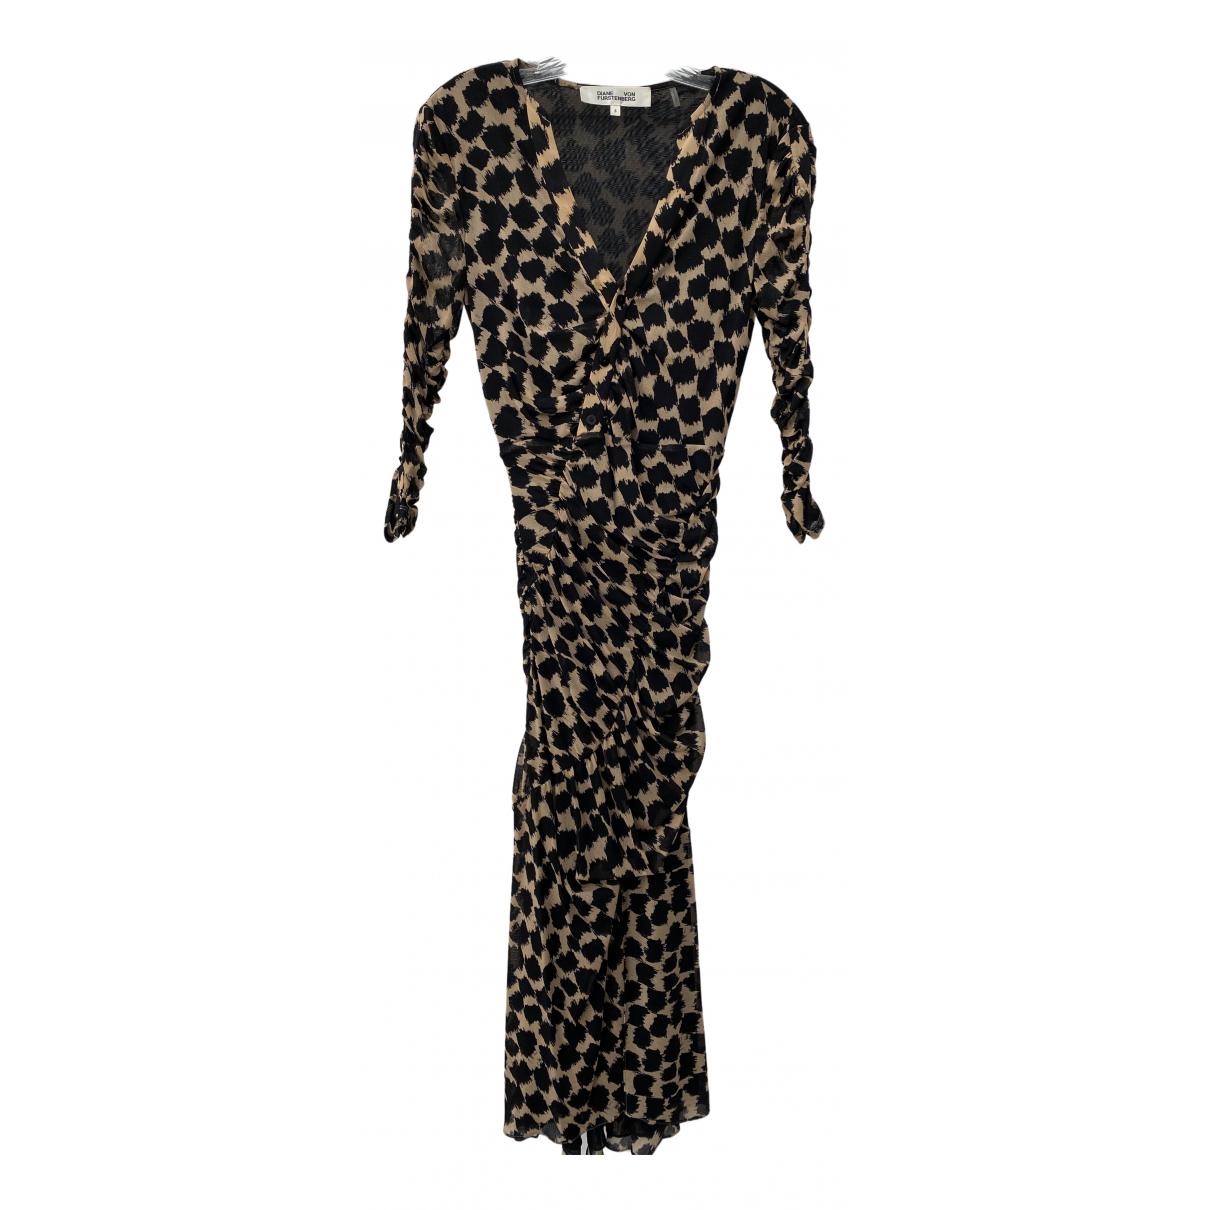 Diane Von Furstenberg \N Black Silk dress for Women S International